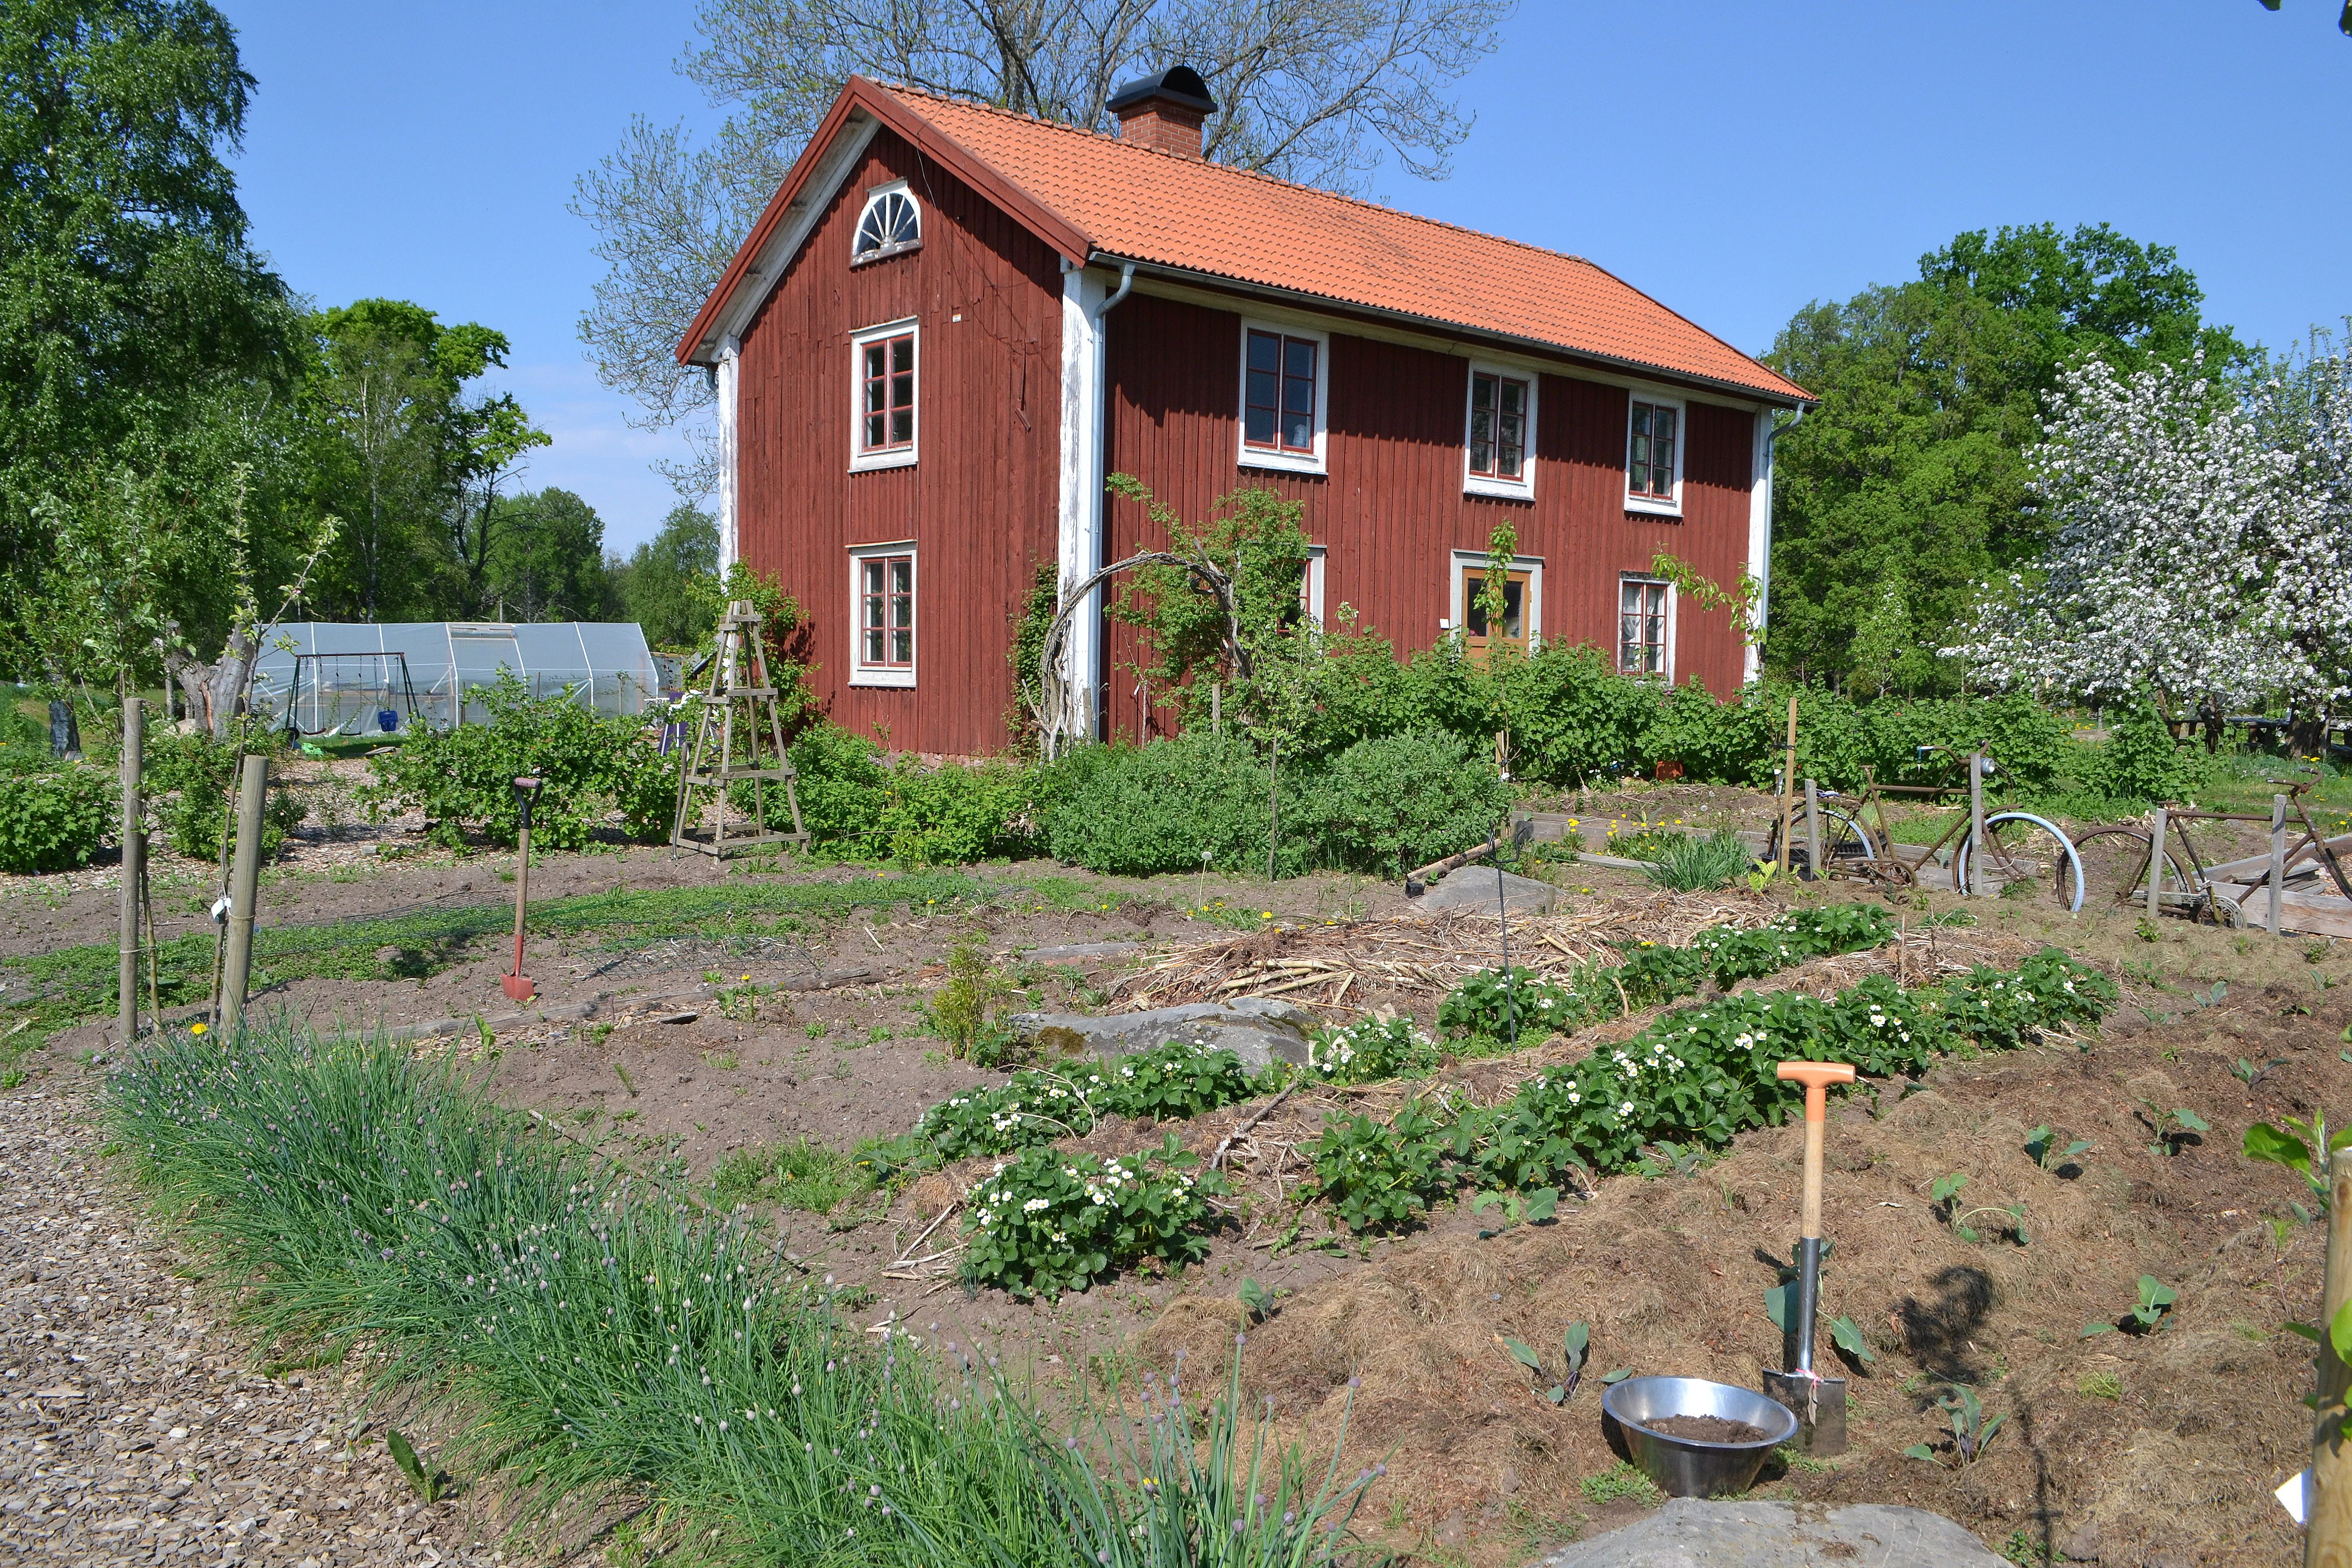 En köksträdgård med låg växtlighet, full sol och stort rött bostadshus i bakgrunden. Soil analysis, the kitchen garden in full bloom.